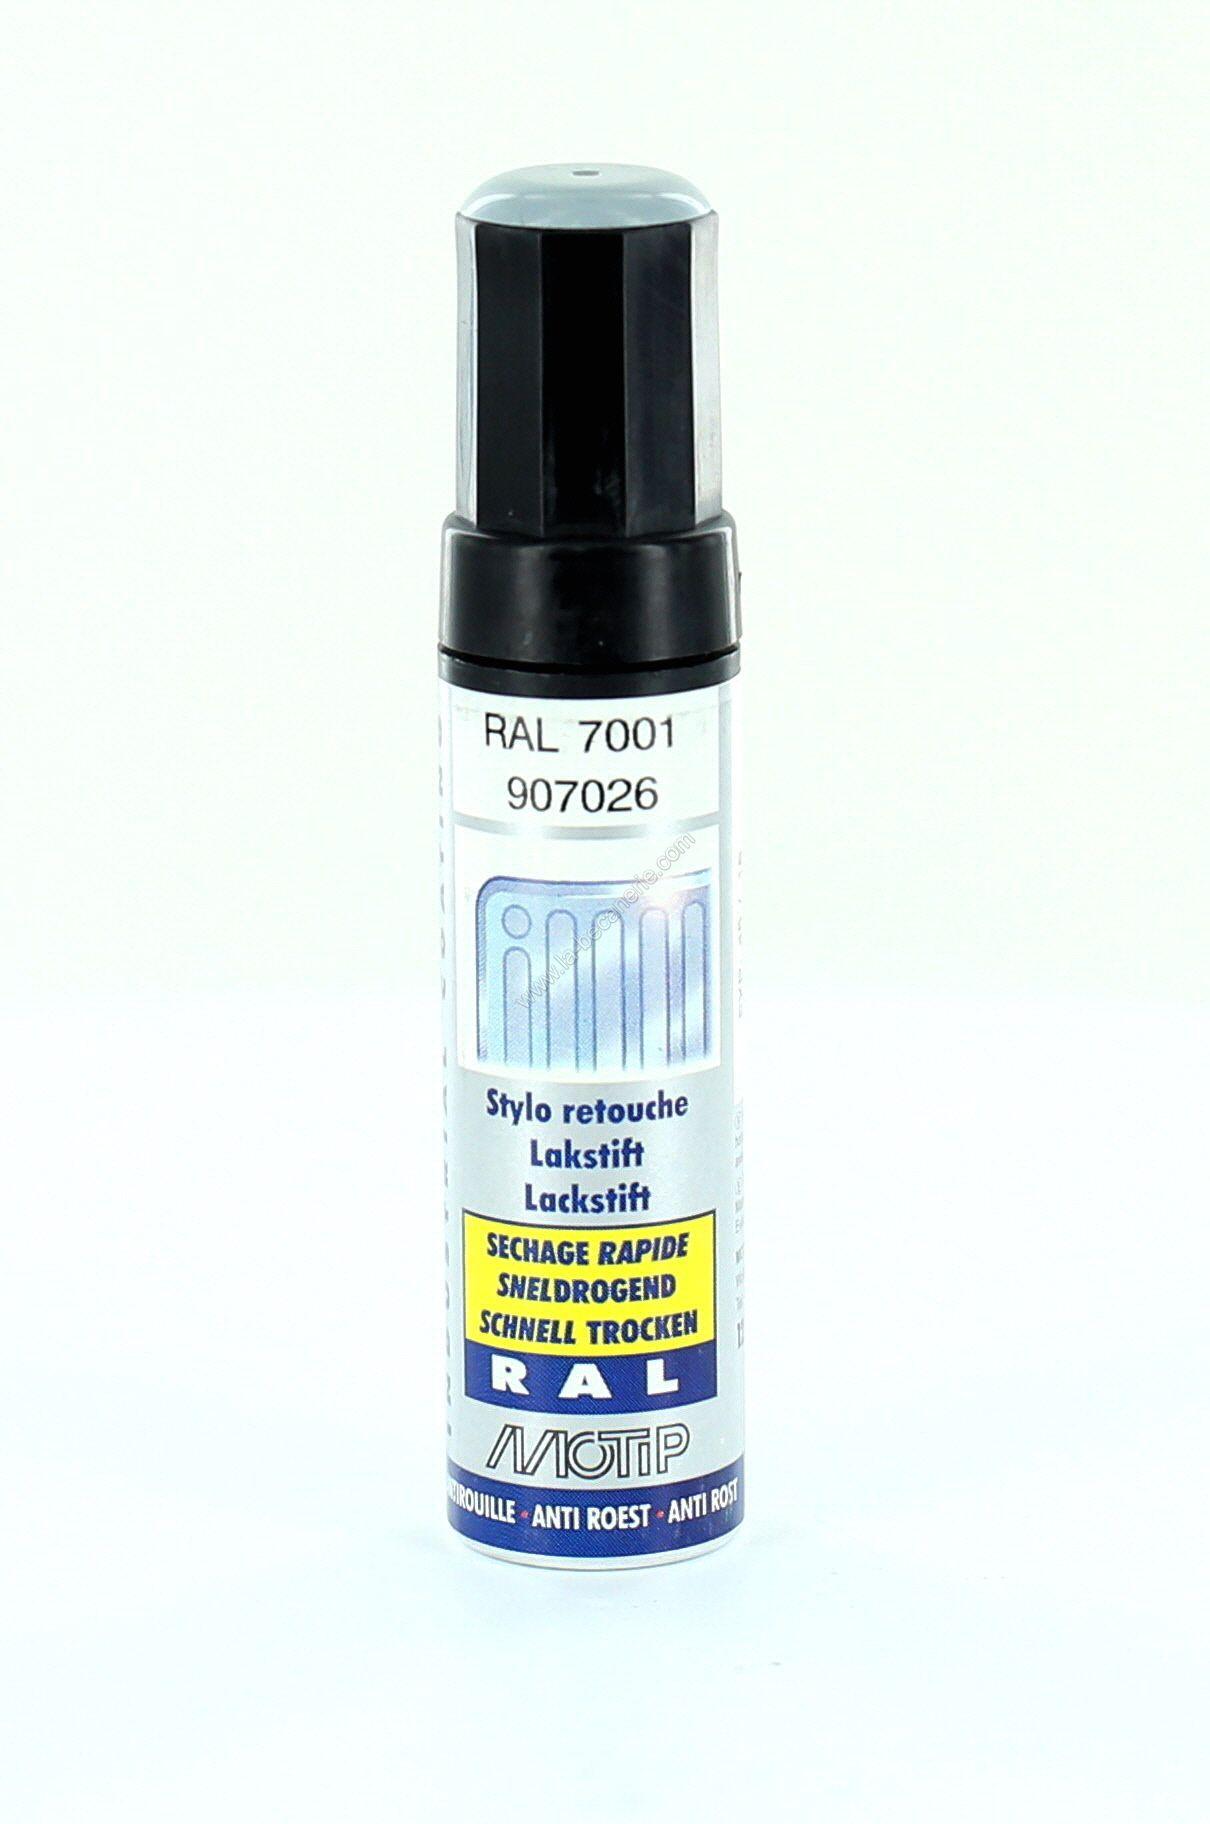 Pinceau retouche peinture gris argent brillant acrylique ral 7001 motip 12 ml m907026 peinture for Peinture gris brillant